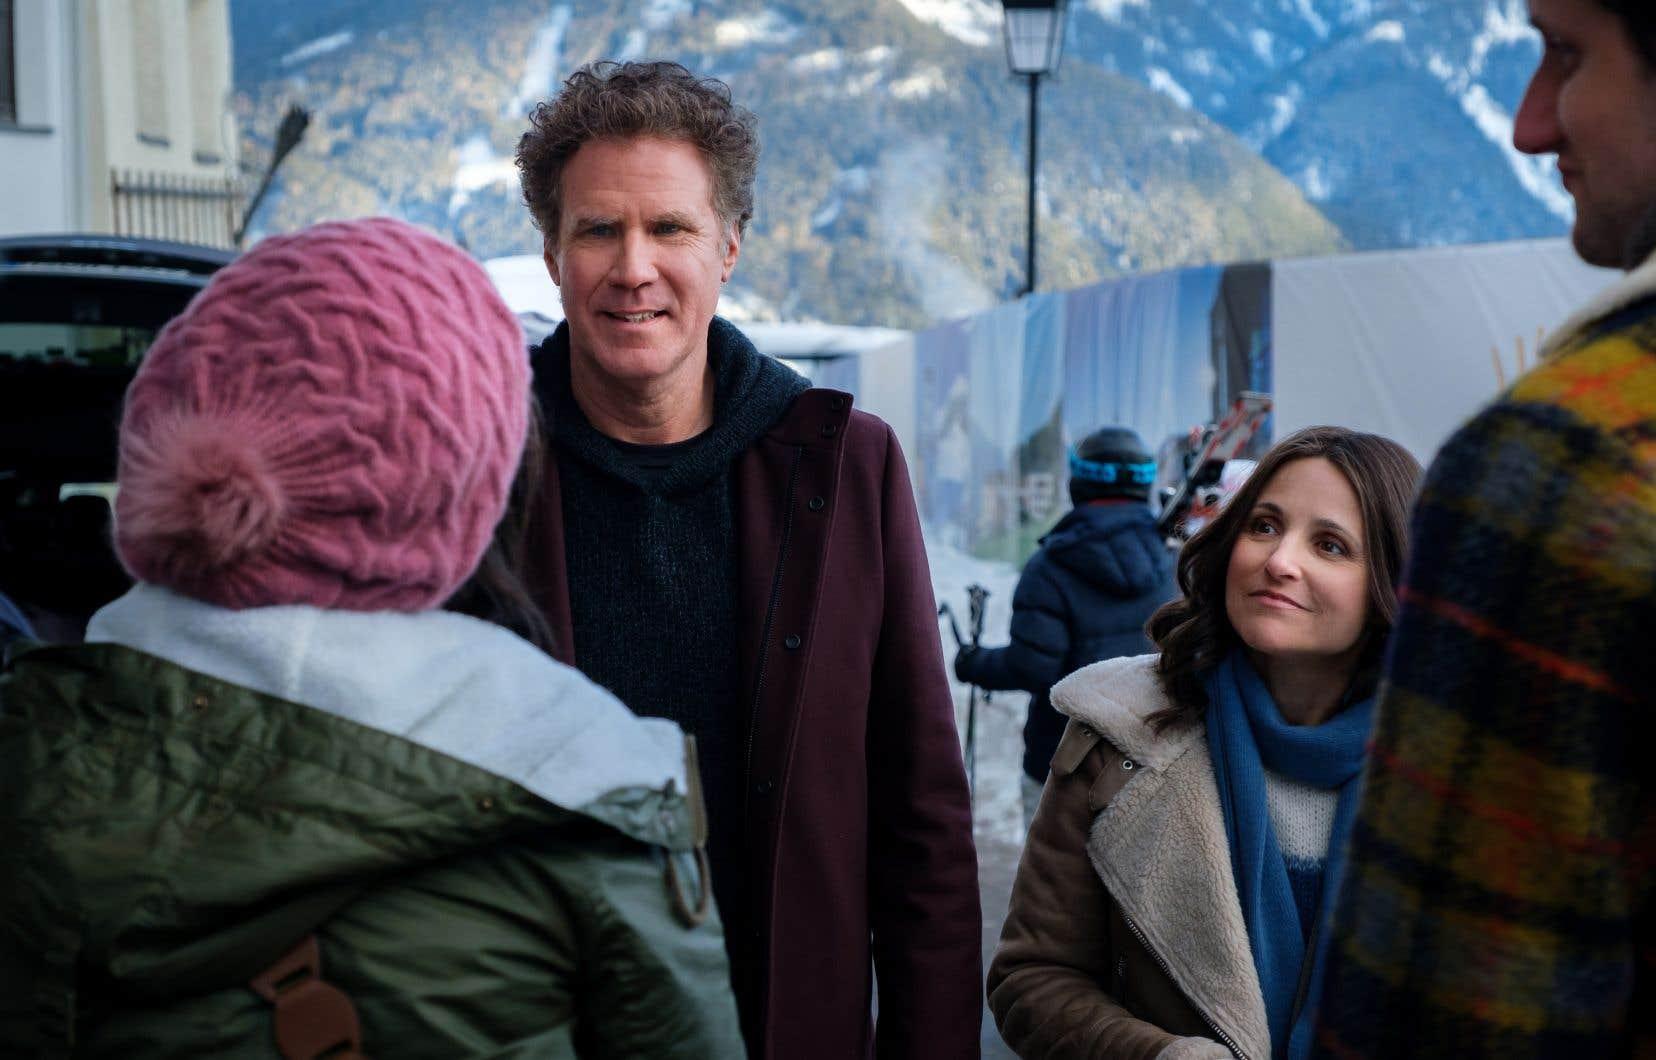 Au début de leur voyage de ski dans les Alpes, un événement inattendu bouleverse la structure familiale de Pete (Will Ferrell) et Billie (Julia Louis-Dreyfus) et fragilise d'une manière insoupçonnée les bases du couple.